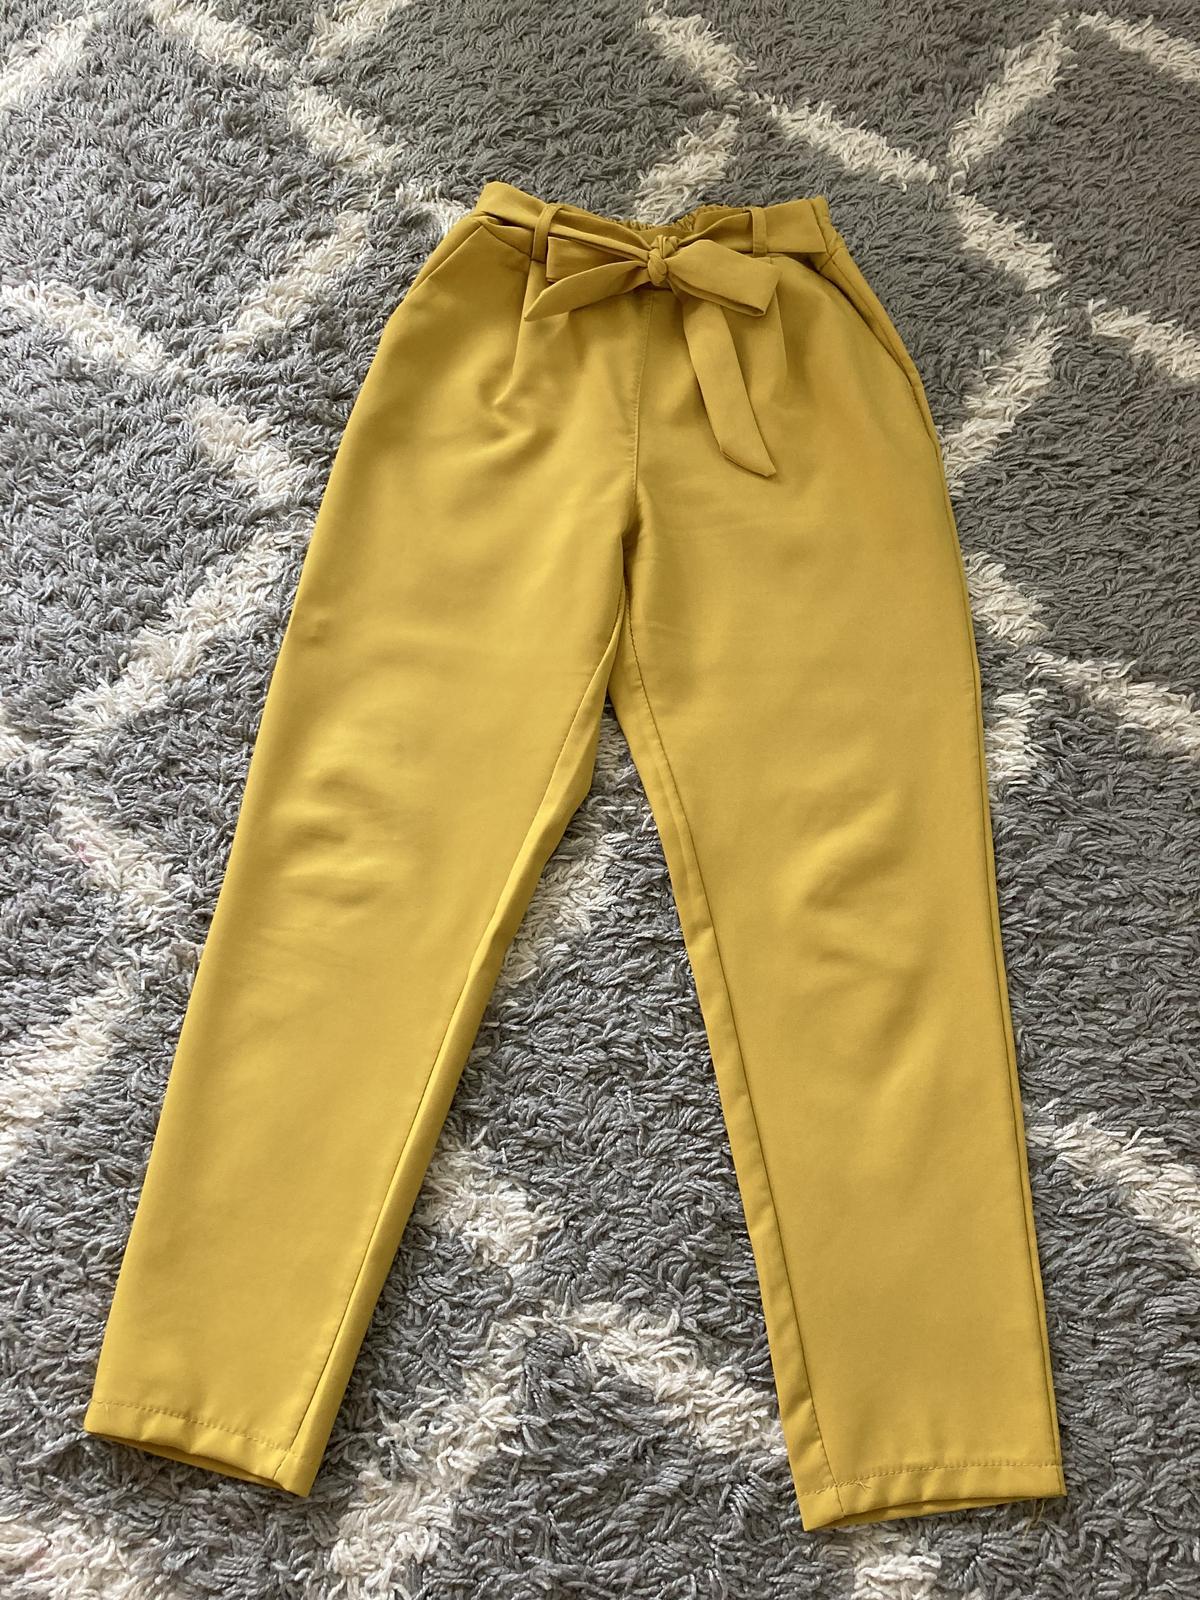 Horčicové nohavice - Obrázok č. 1